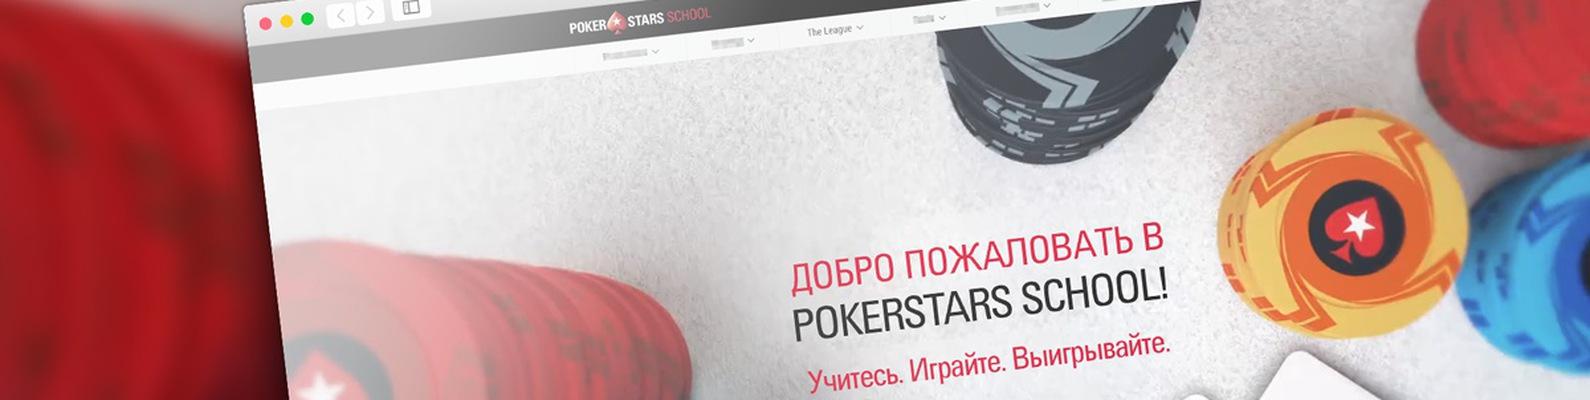 Играть в казино онлайне